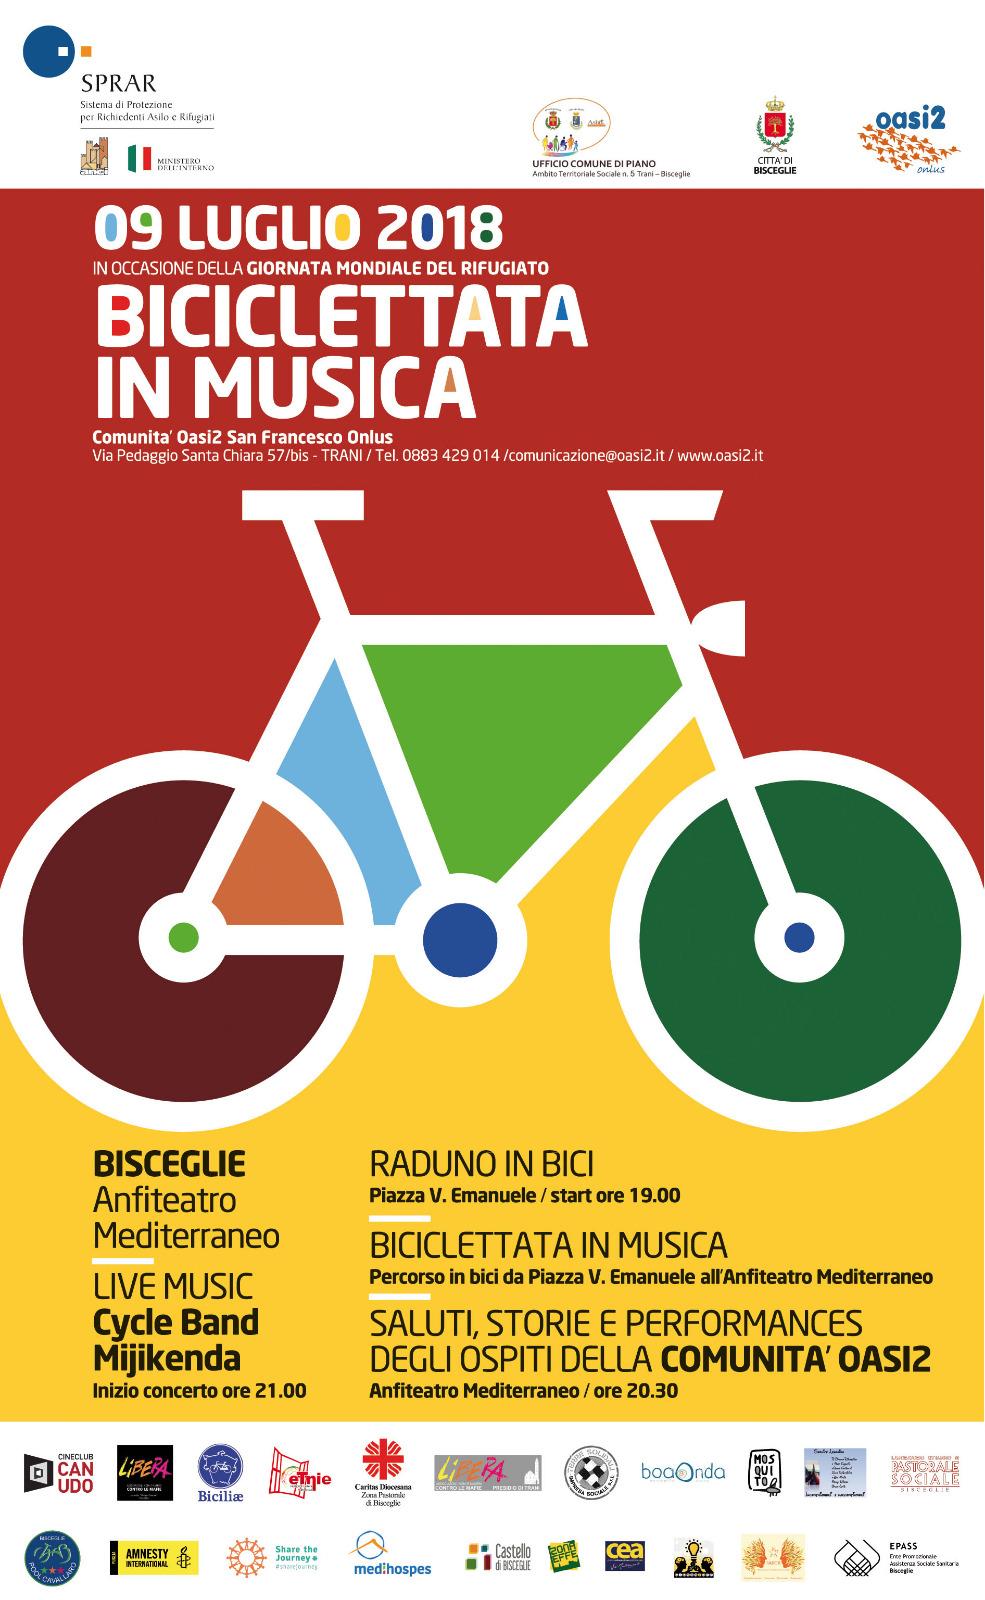 Biciclettata in musica